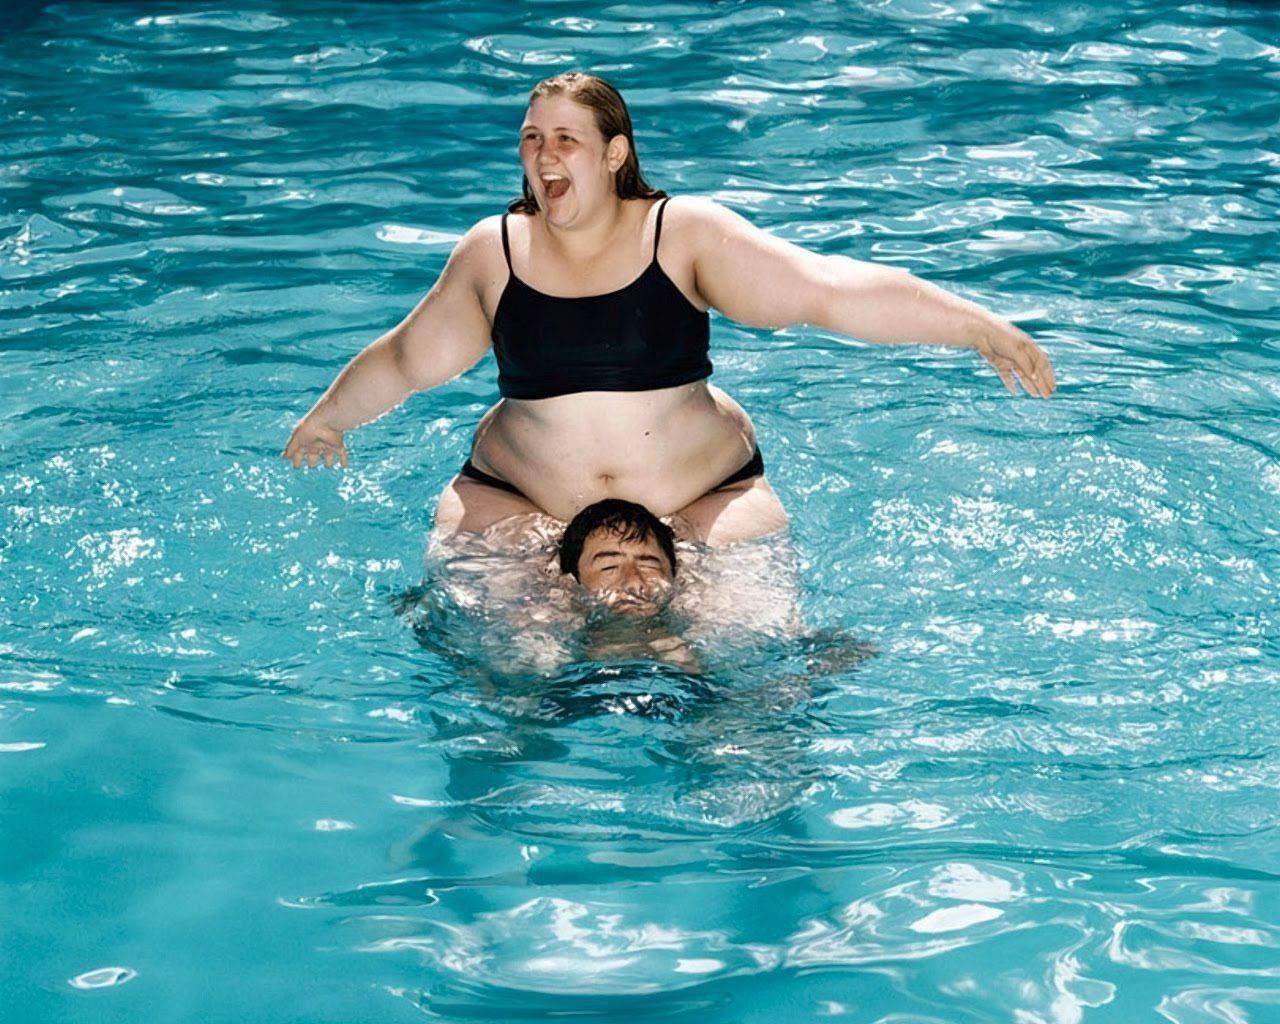 Начальник купается в бассейне с оголенными работницами  440633